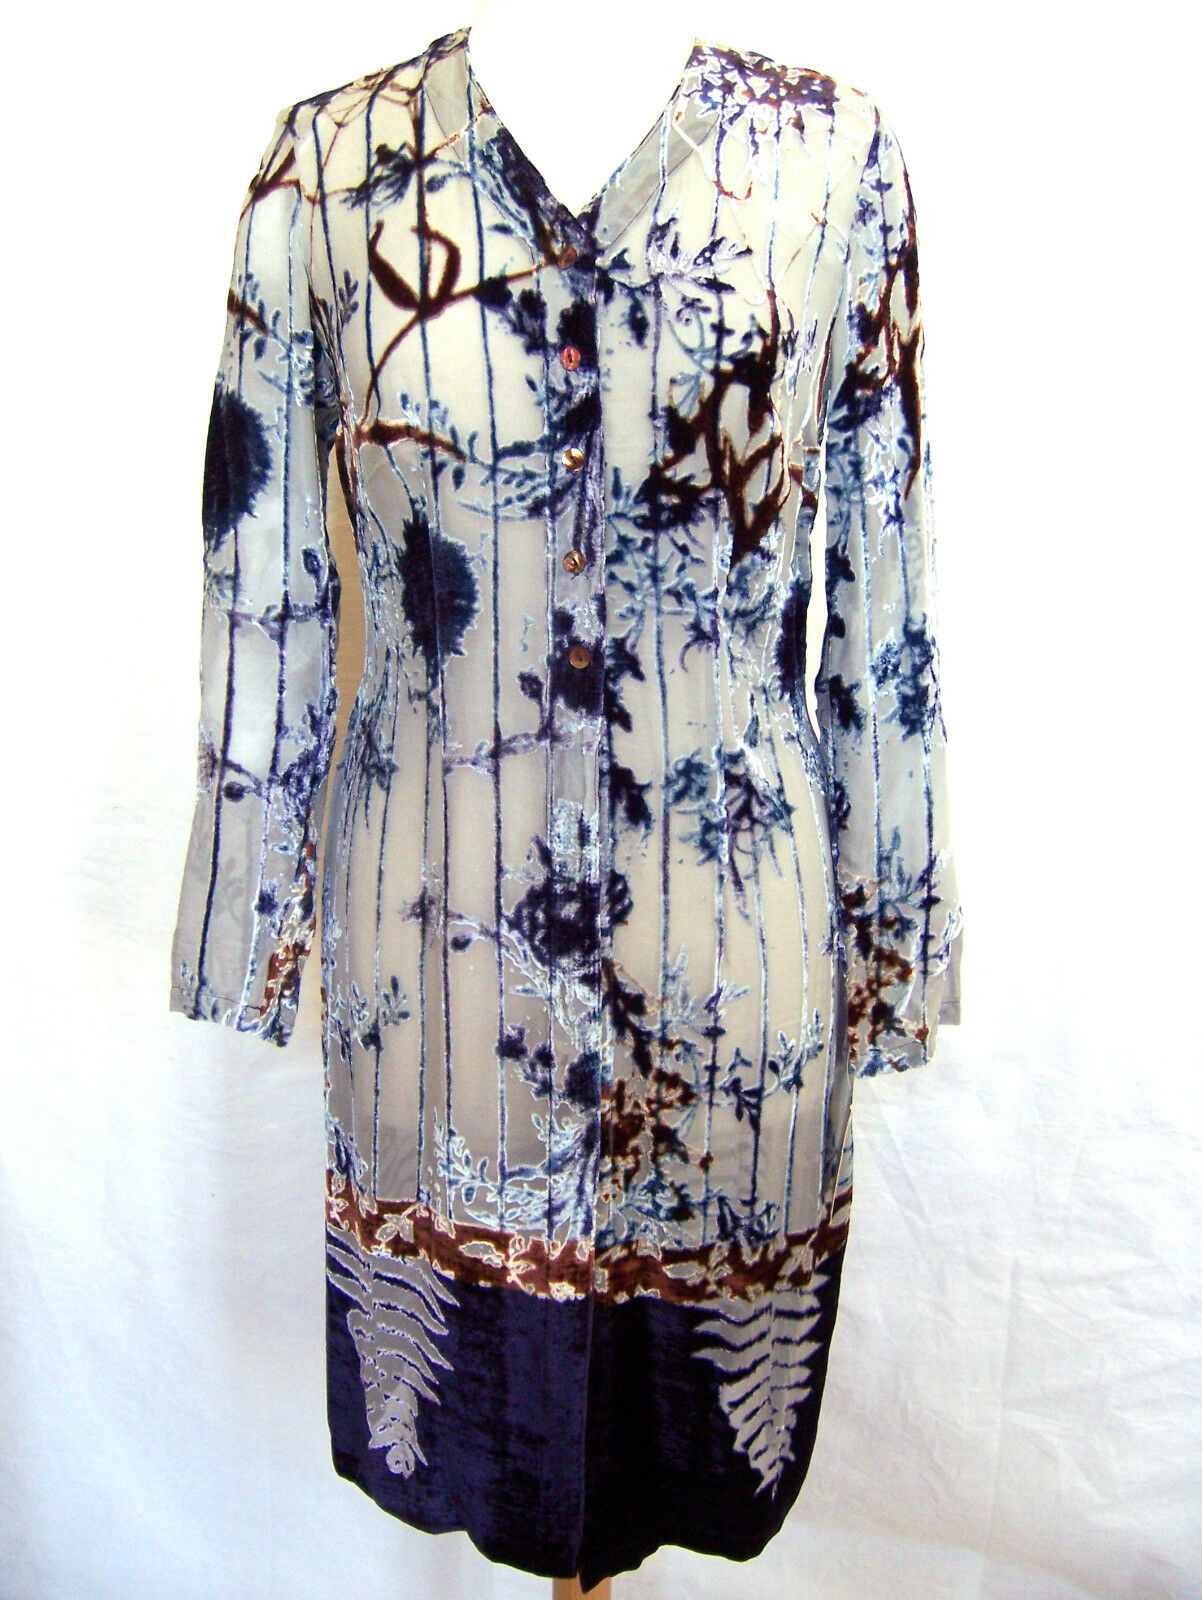 Oilily Camicia Tg. 38 e 42 42 42 NUOVO con motivo floreale da guasto velluto donna blouse donna 0a1b5e